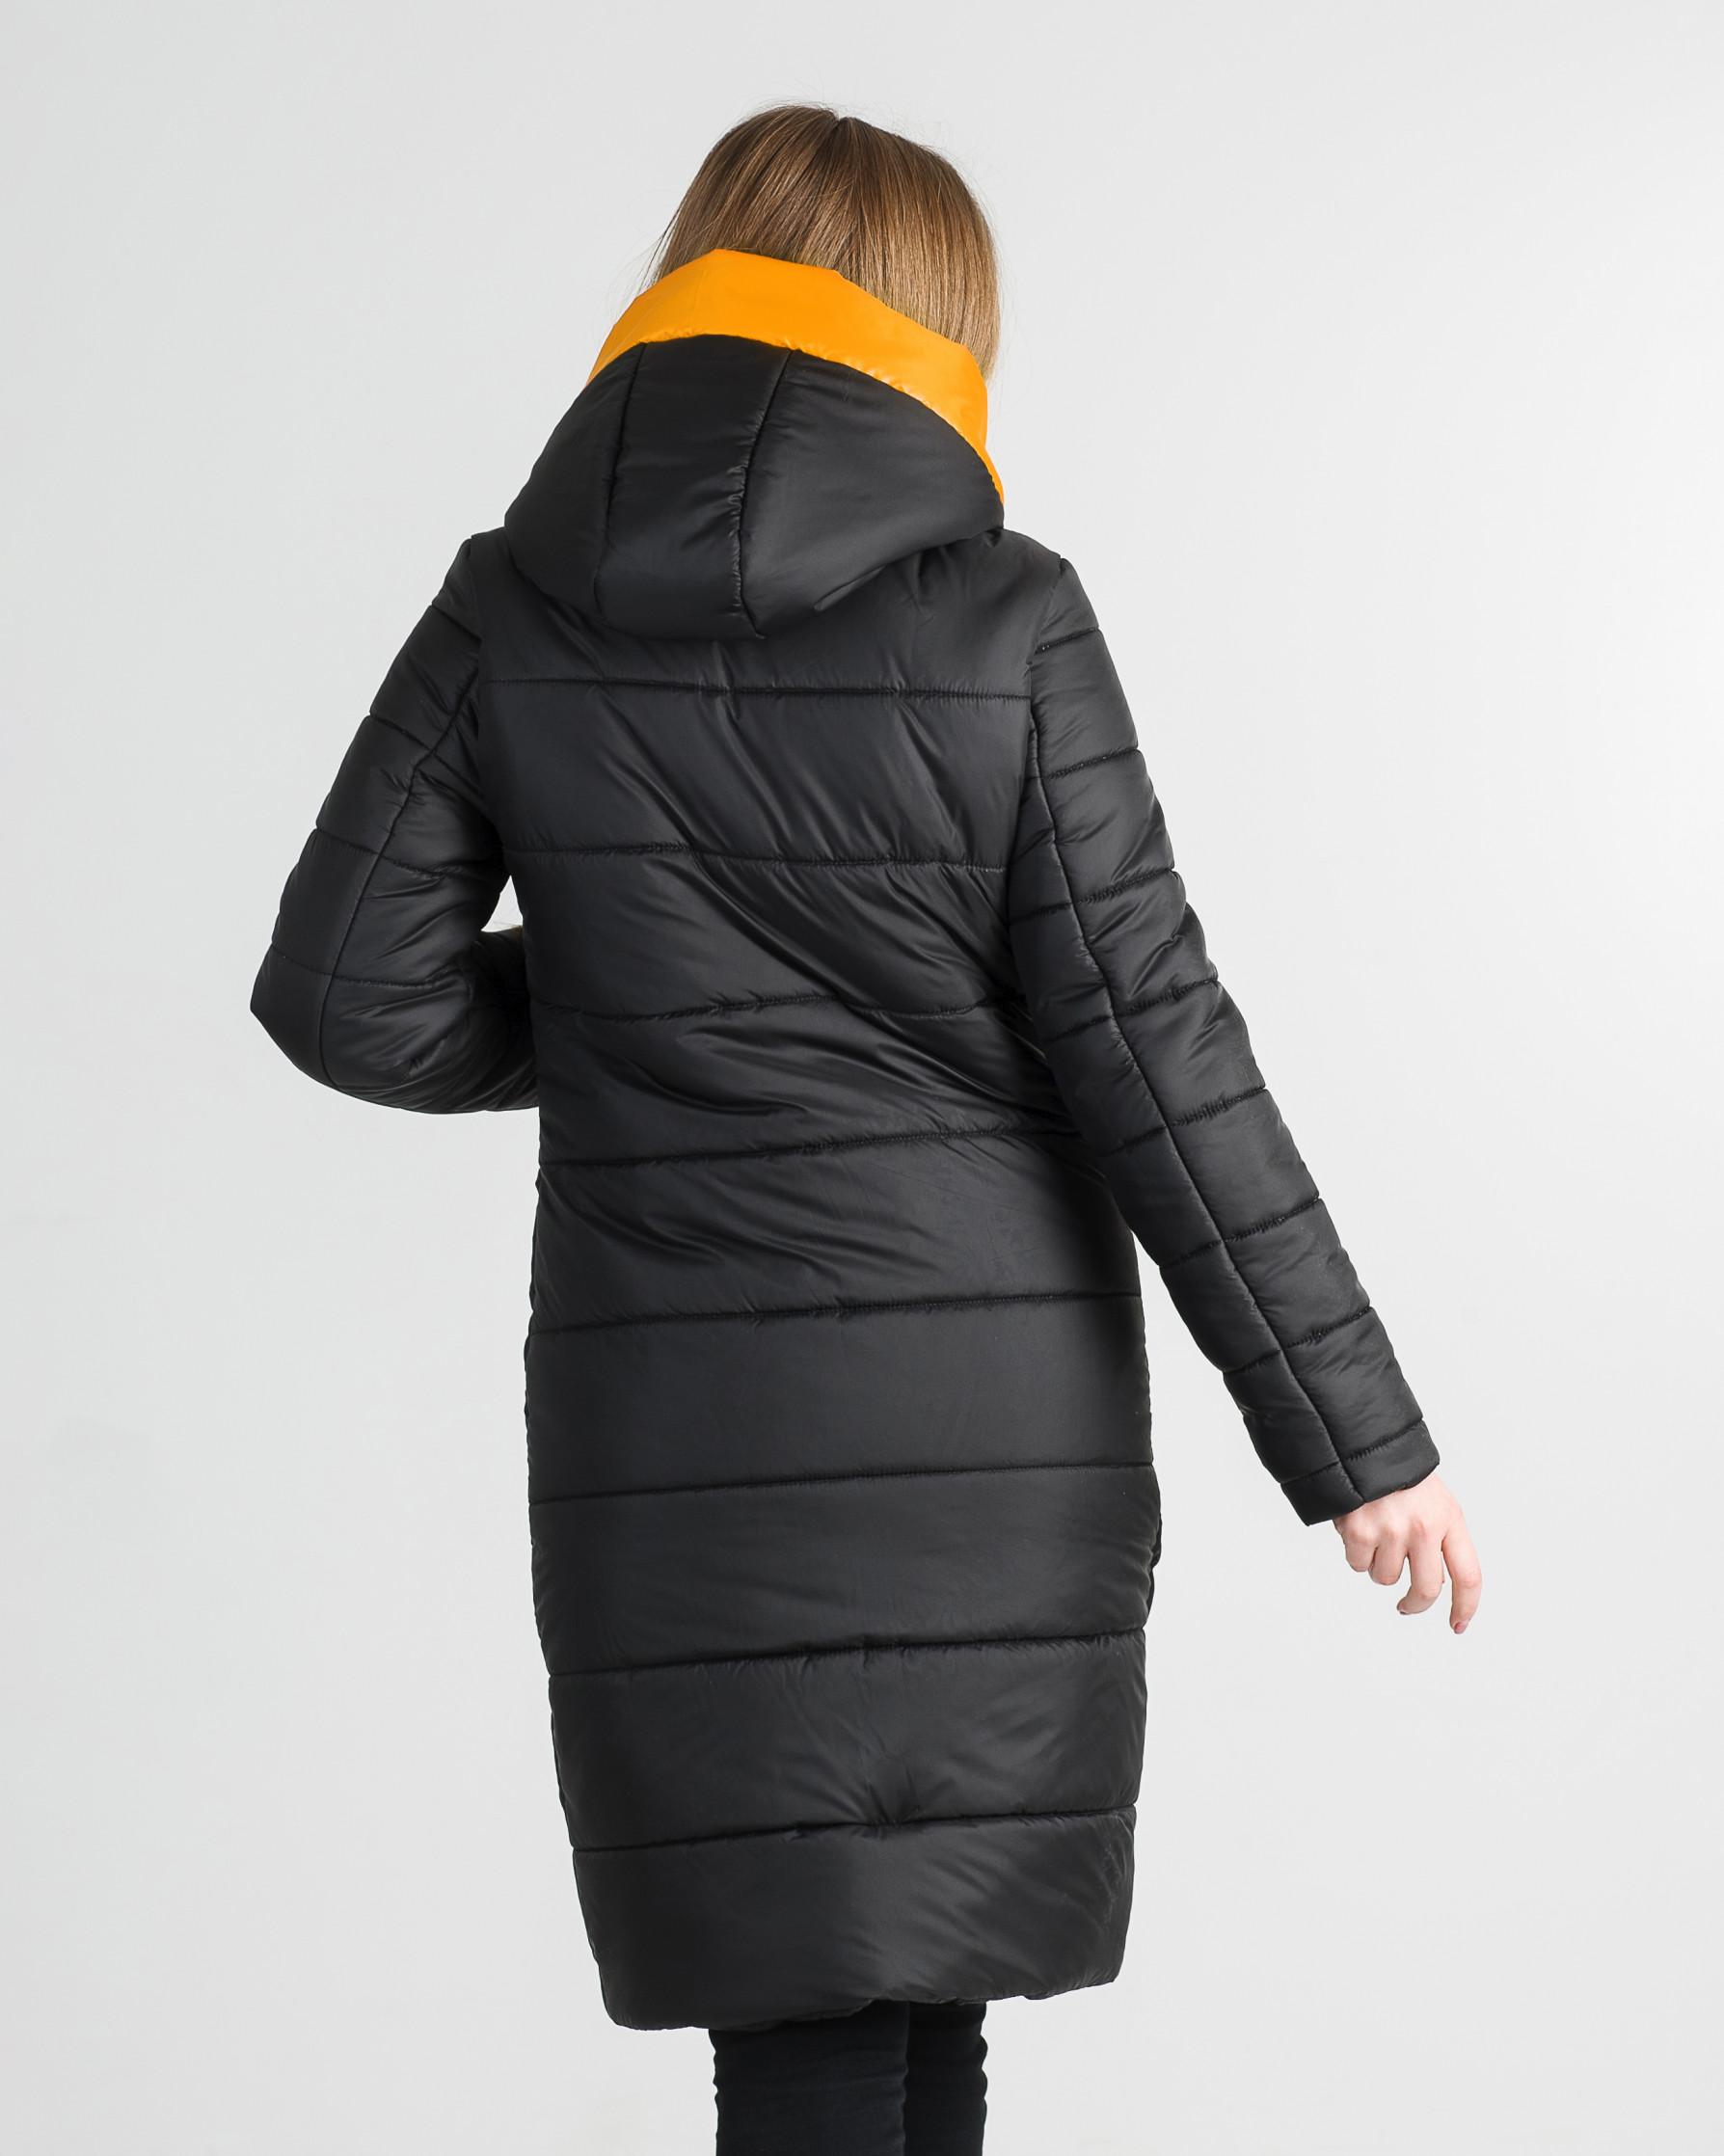 Зимнее молодёжное пальто чёрное с жёлтым Шерон